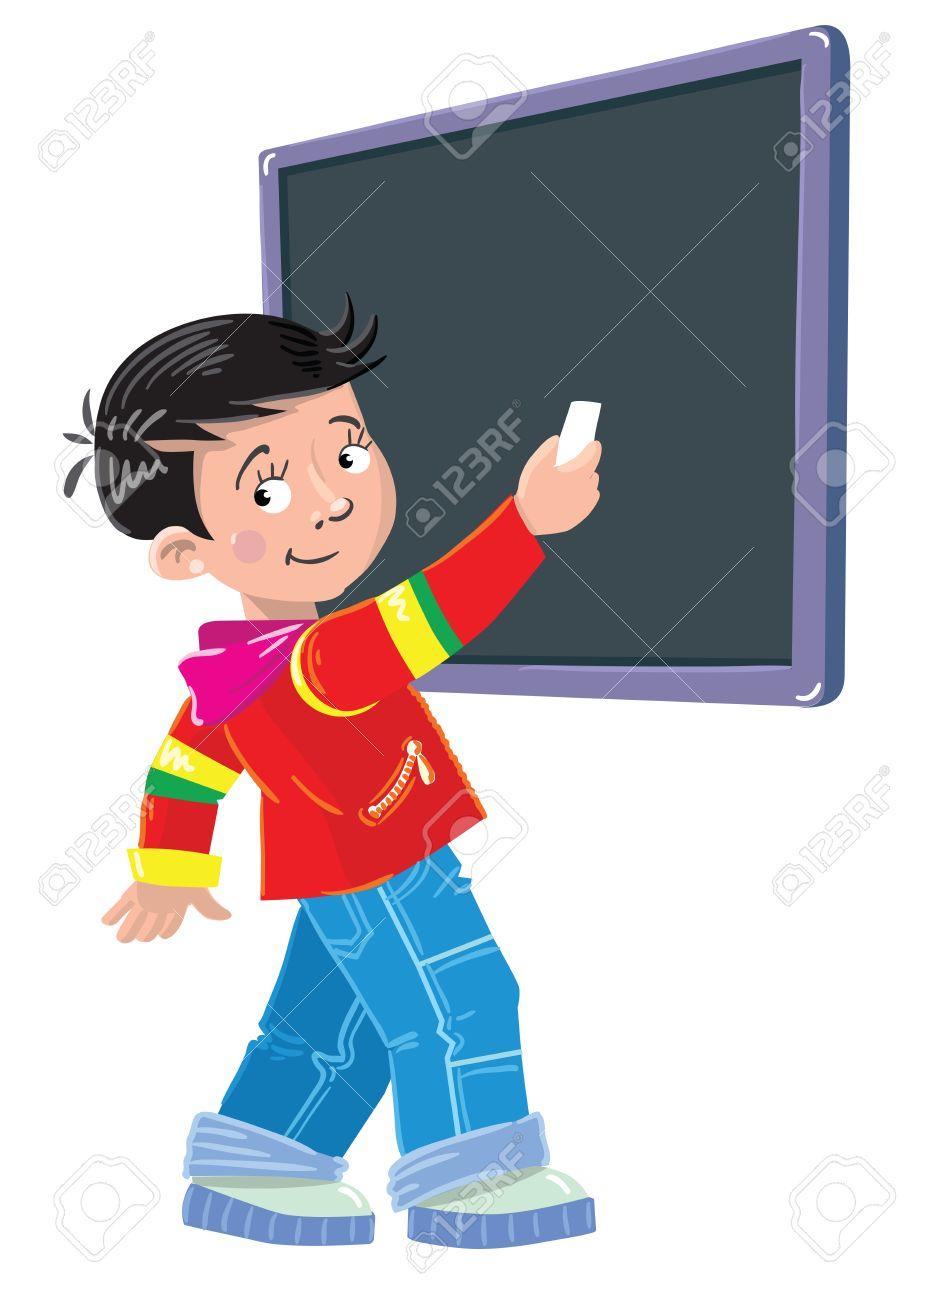 Tafel schreiben clipart  Schüler Schreibt Kreide Auf Eine Tafel Lizenzfrei Nutzbare ...